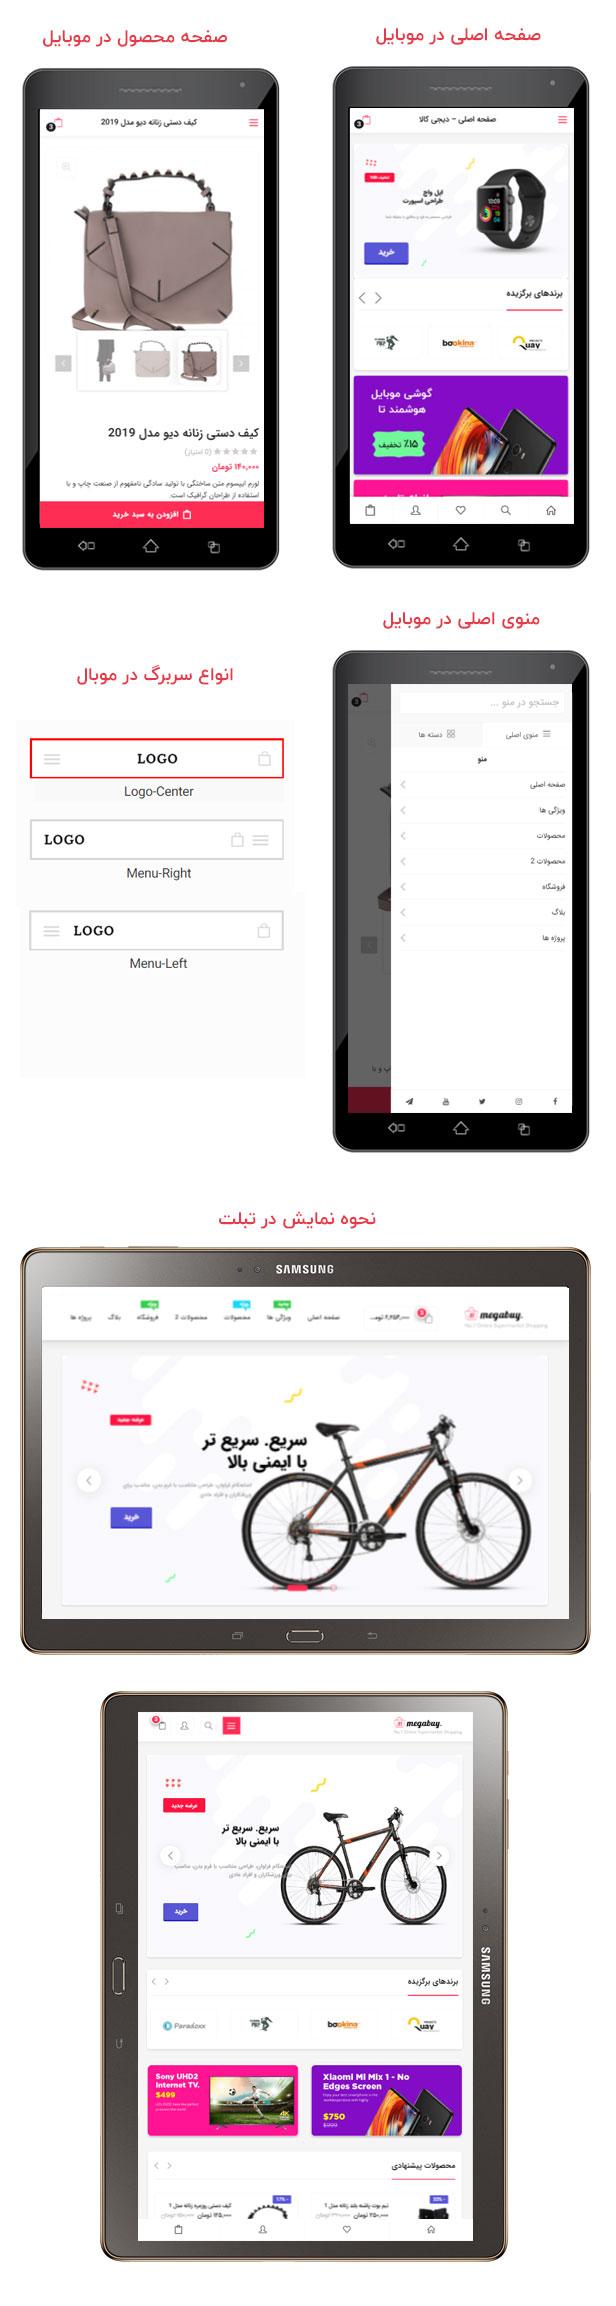 قالب وردپرس دیجی کالا - قالب وردپرس موبایل